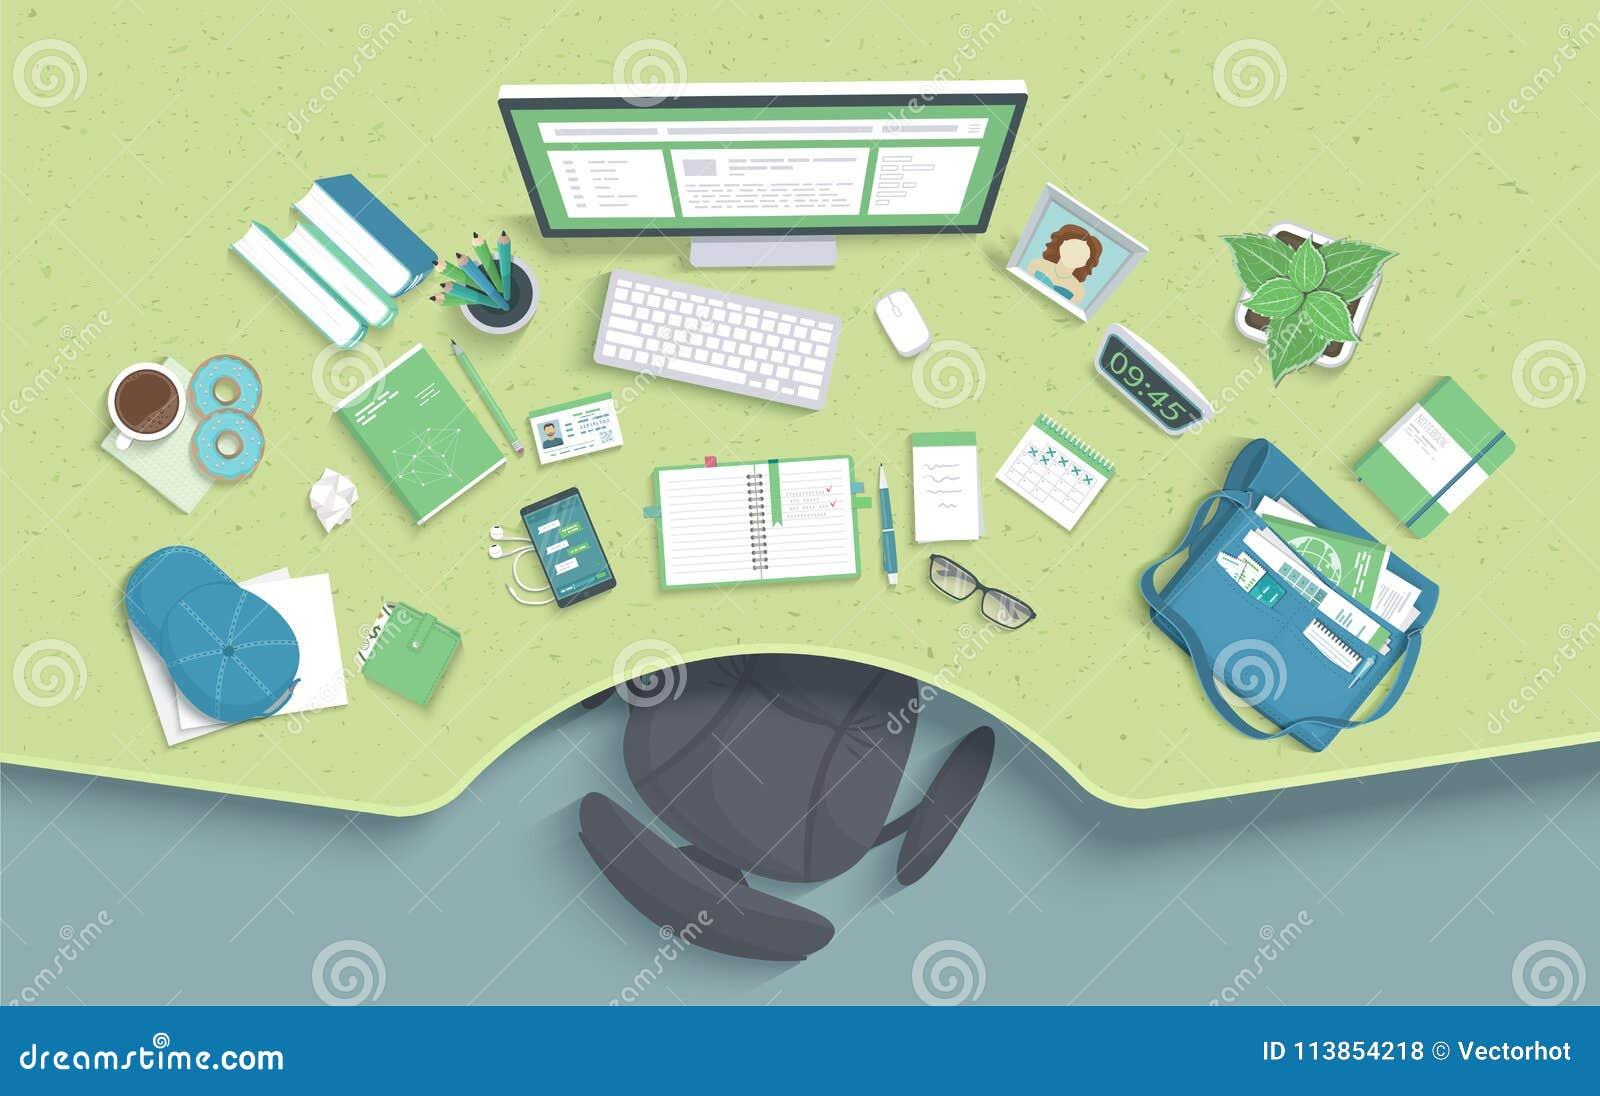 Tabell med fördjupningen, stol, bildskärm, böcker, anteckningsbok, hörlurar, telefon Modern och stilfull arbetsplats vektor